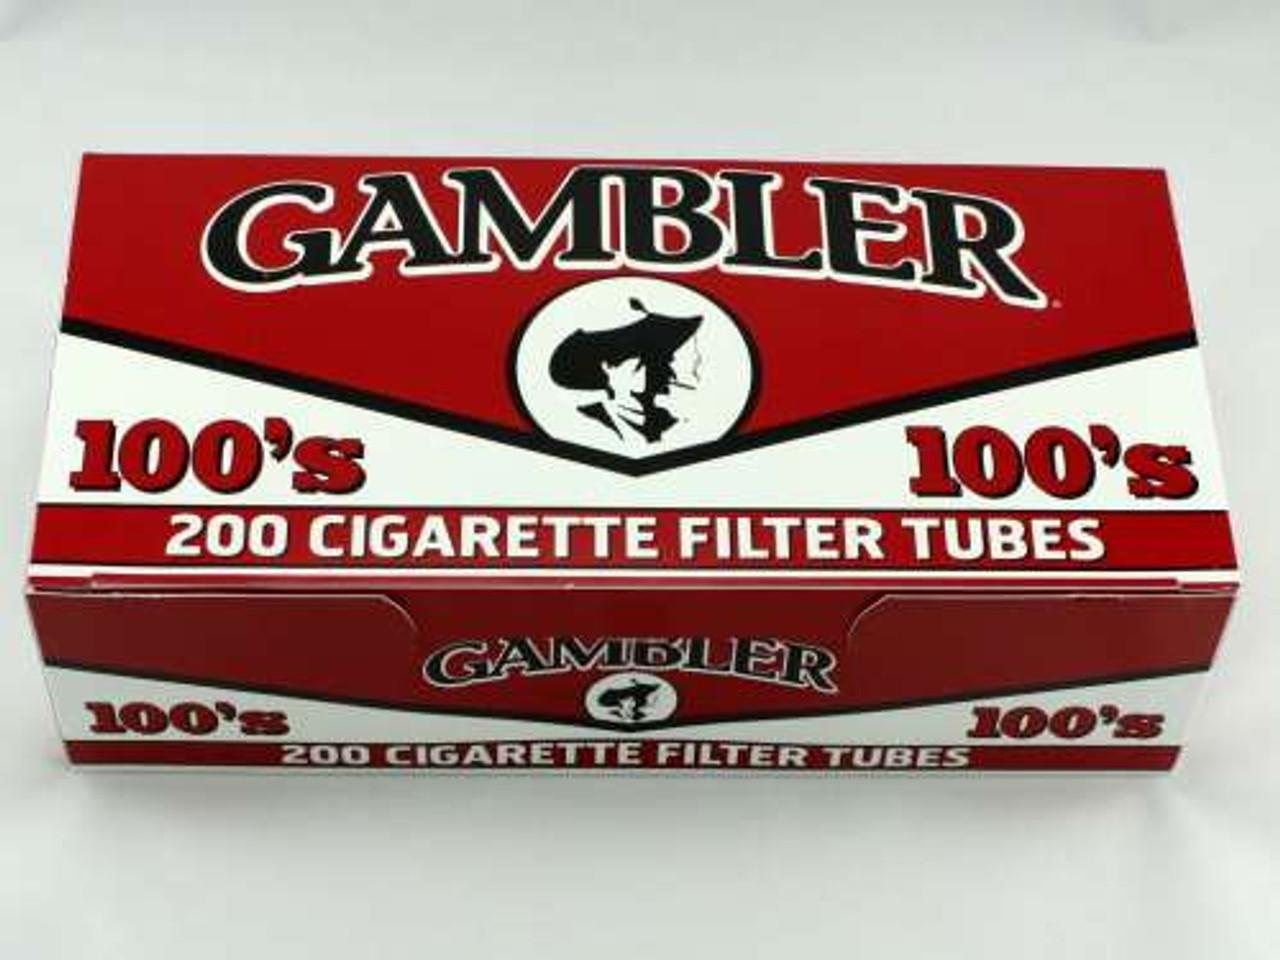 Gambler Full Flavor 100's Cigarette Tubes